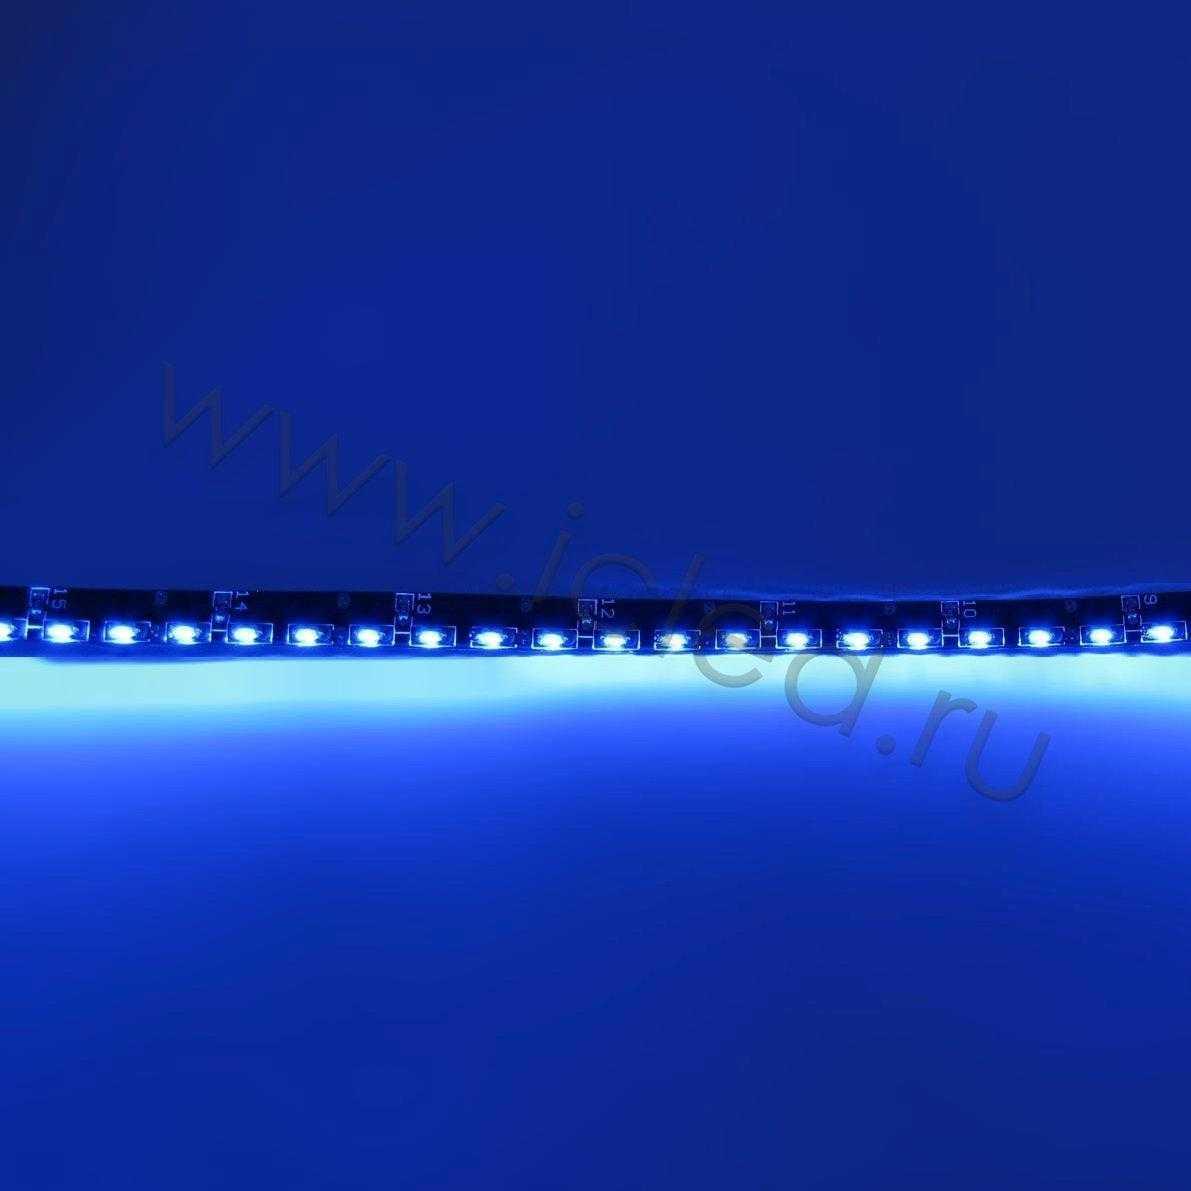 Светодиодная лента Class B, 335, 120 led/m, Blue,12V, IP65